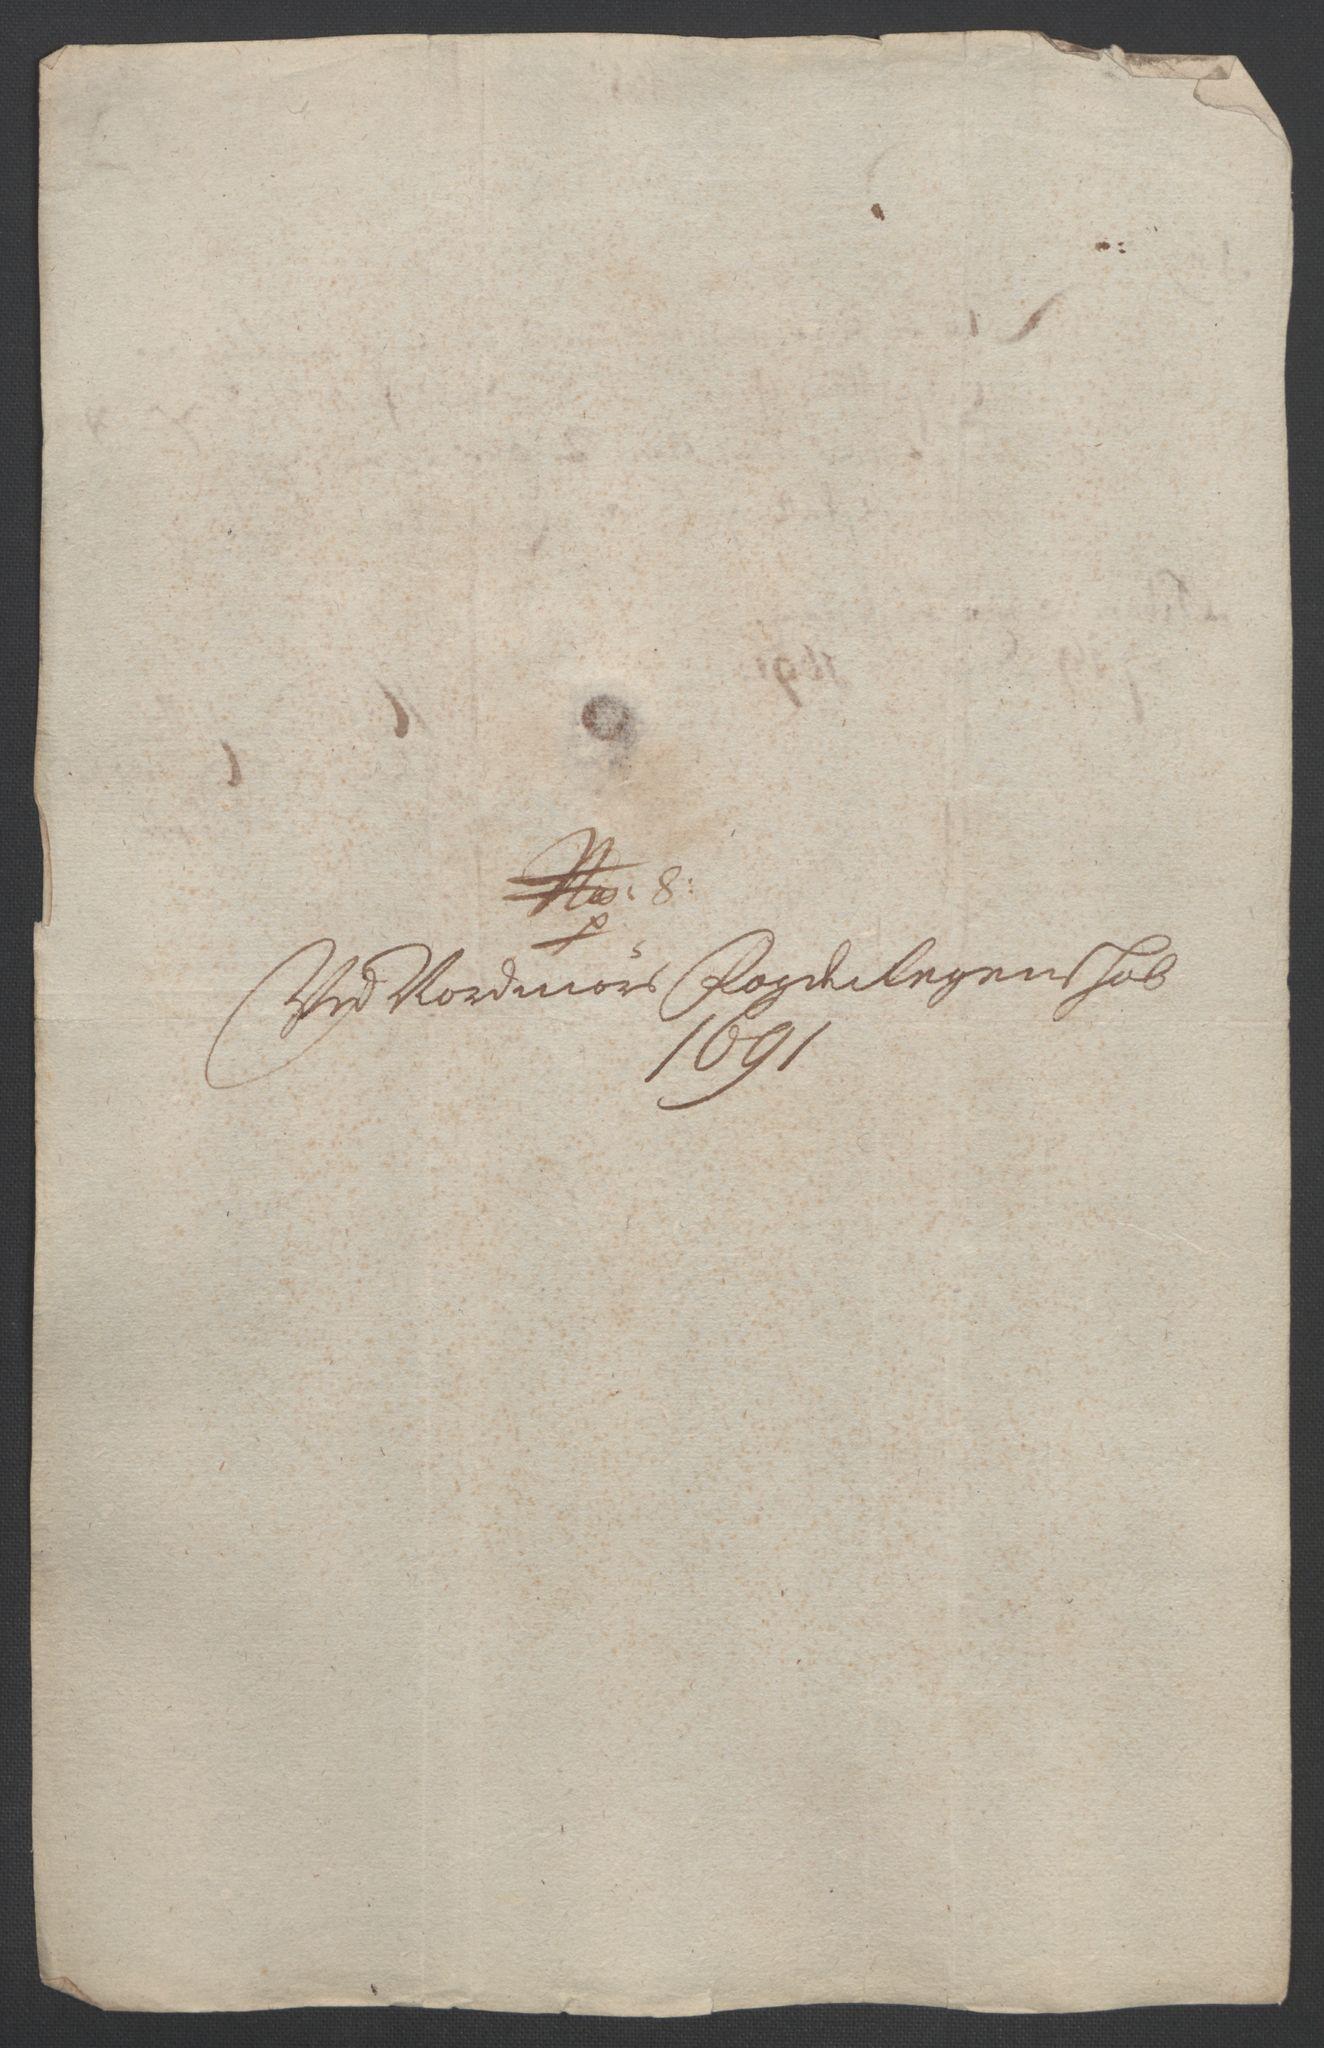 RA, Rentekammeret inntil 1814, Reviderte regnskaper, Fogderegnskap, R56/L3734: Fogderegnskap Nordmøre, 1690-1691, s. 418